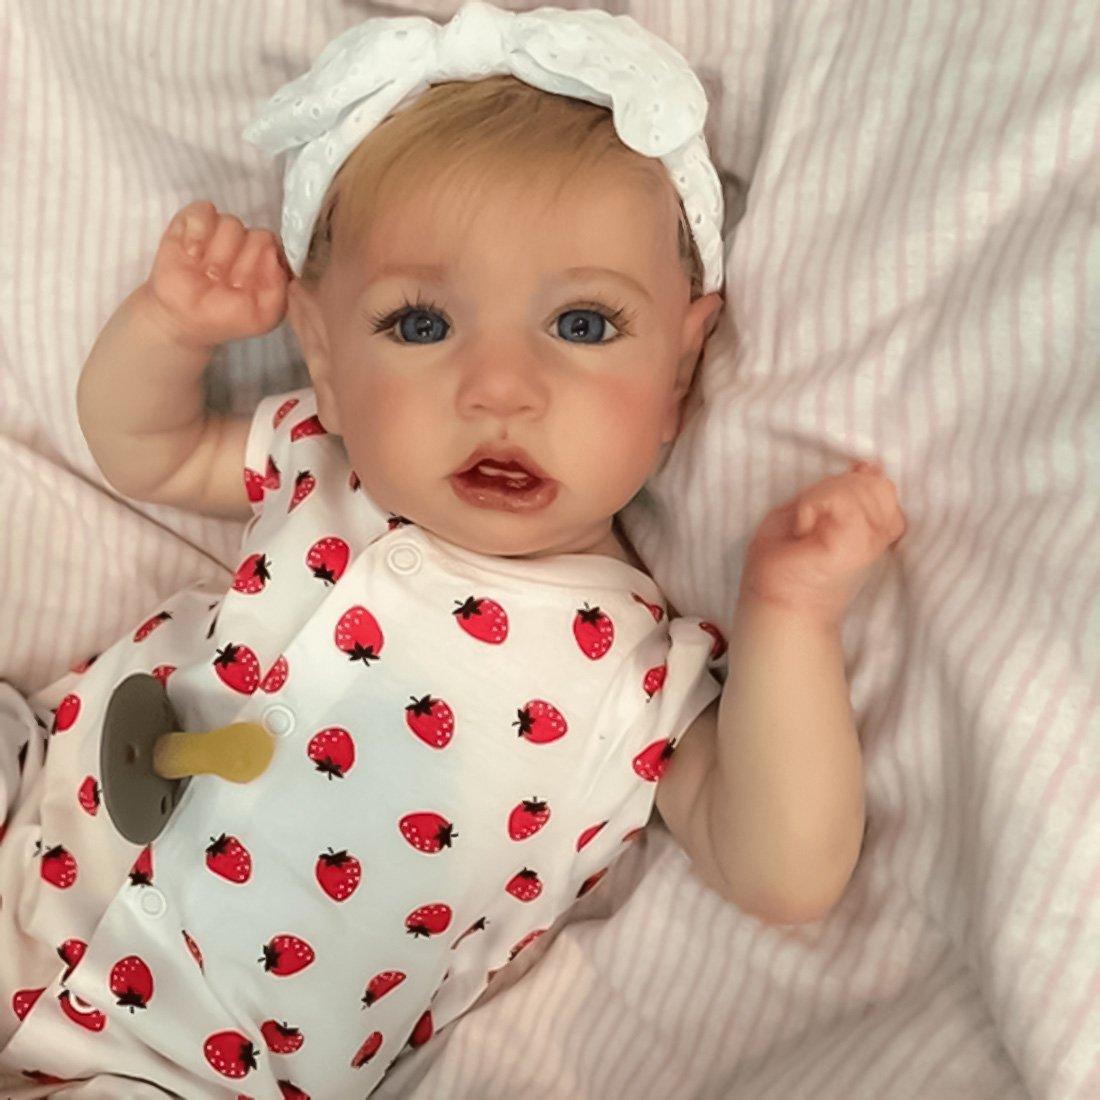 22 Pouces Réaliste Mignon Corps Reborn Baby Poupées Look Real Collection Nouveau-Né Poupée pour Fille